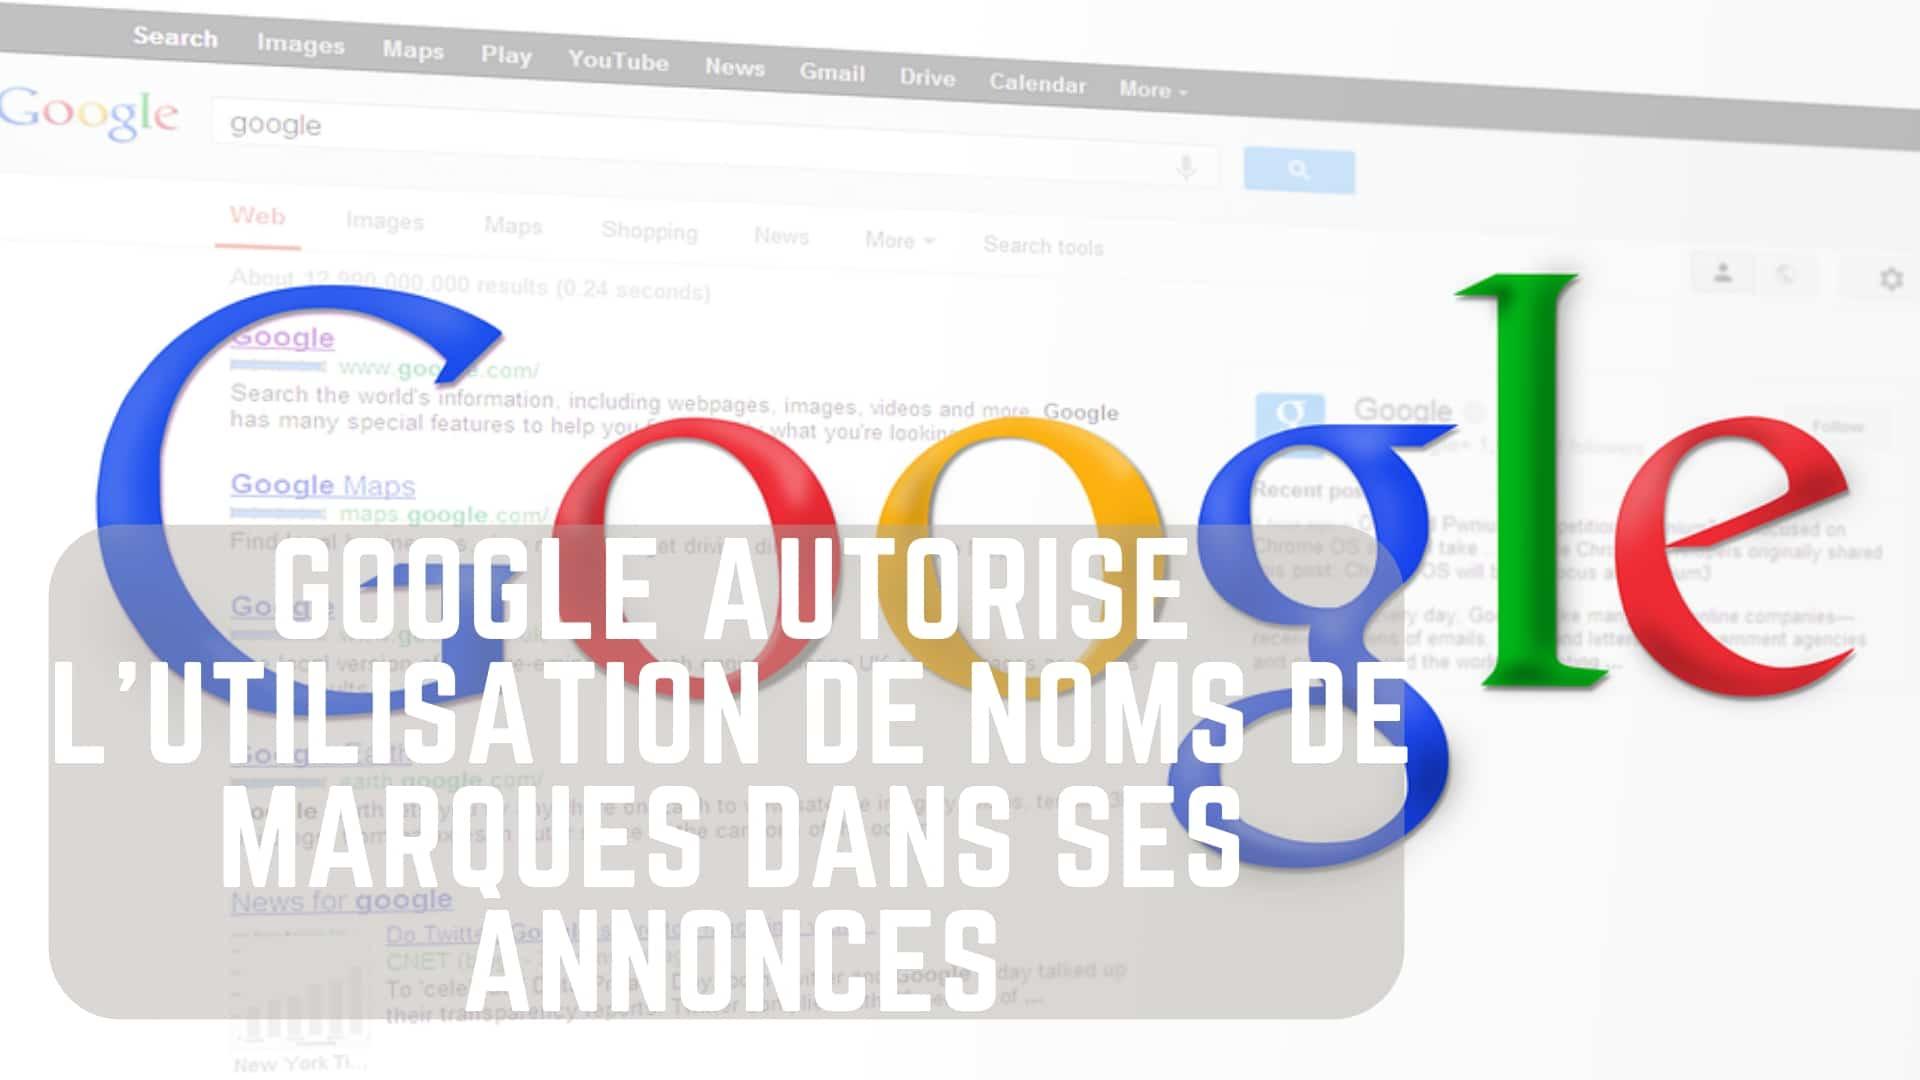 Google autorise l'utilisation de noms de marques dans ses annonces